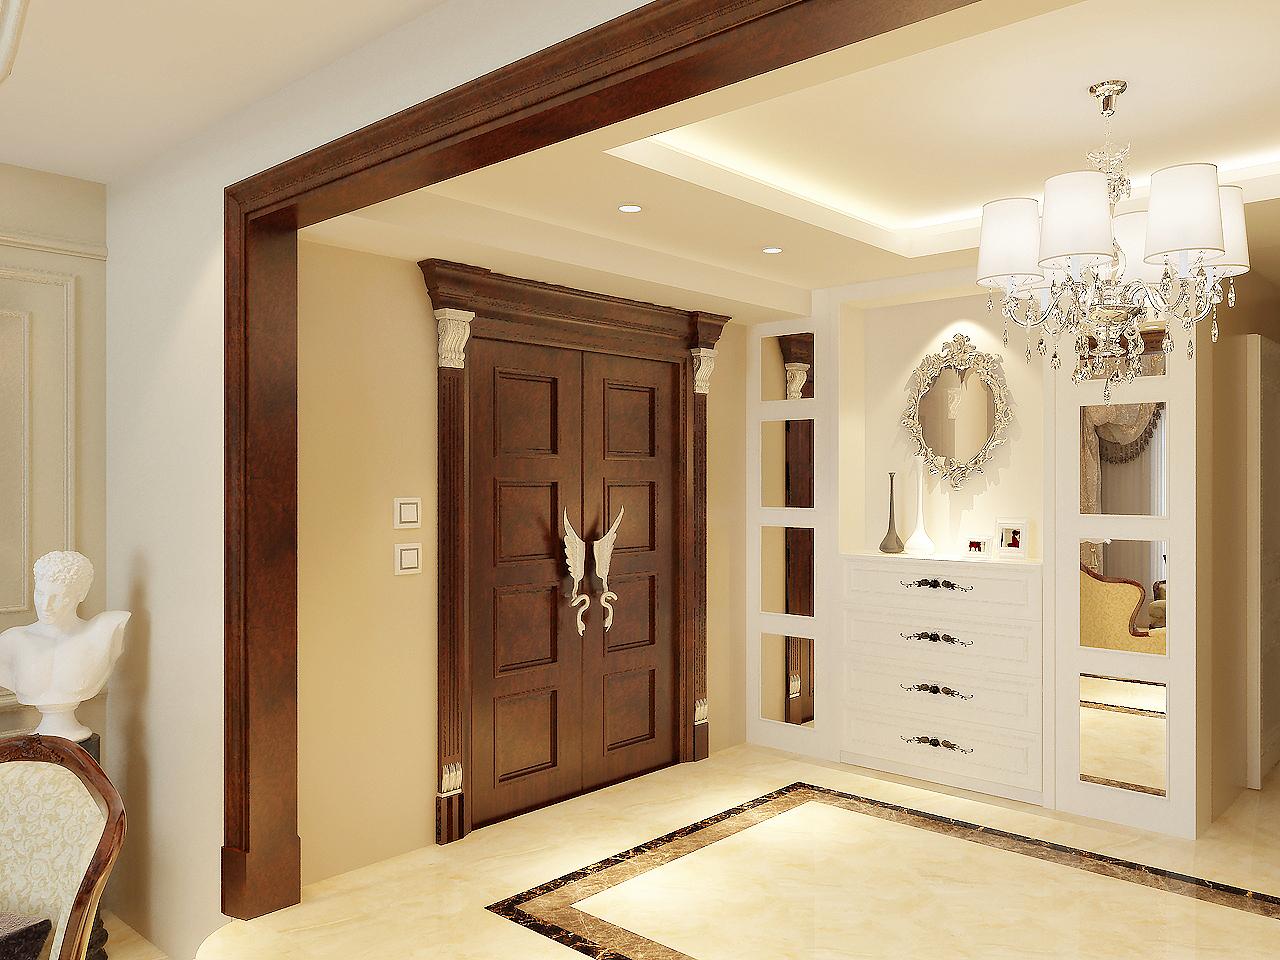 入门玄关处有较大的使用空间,所以考虑到空间的使用性和实用性,在此处设计了一个穿衣柜。方便了户主的生活。